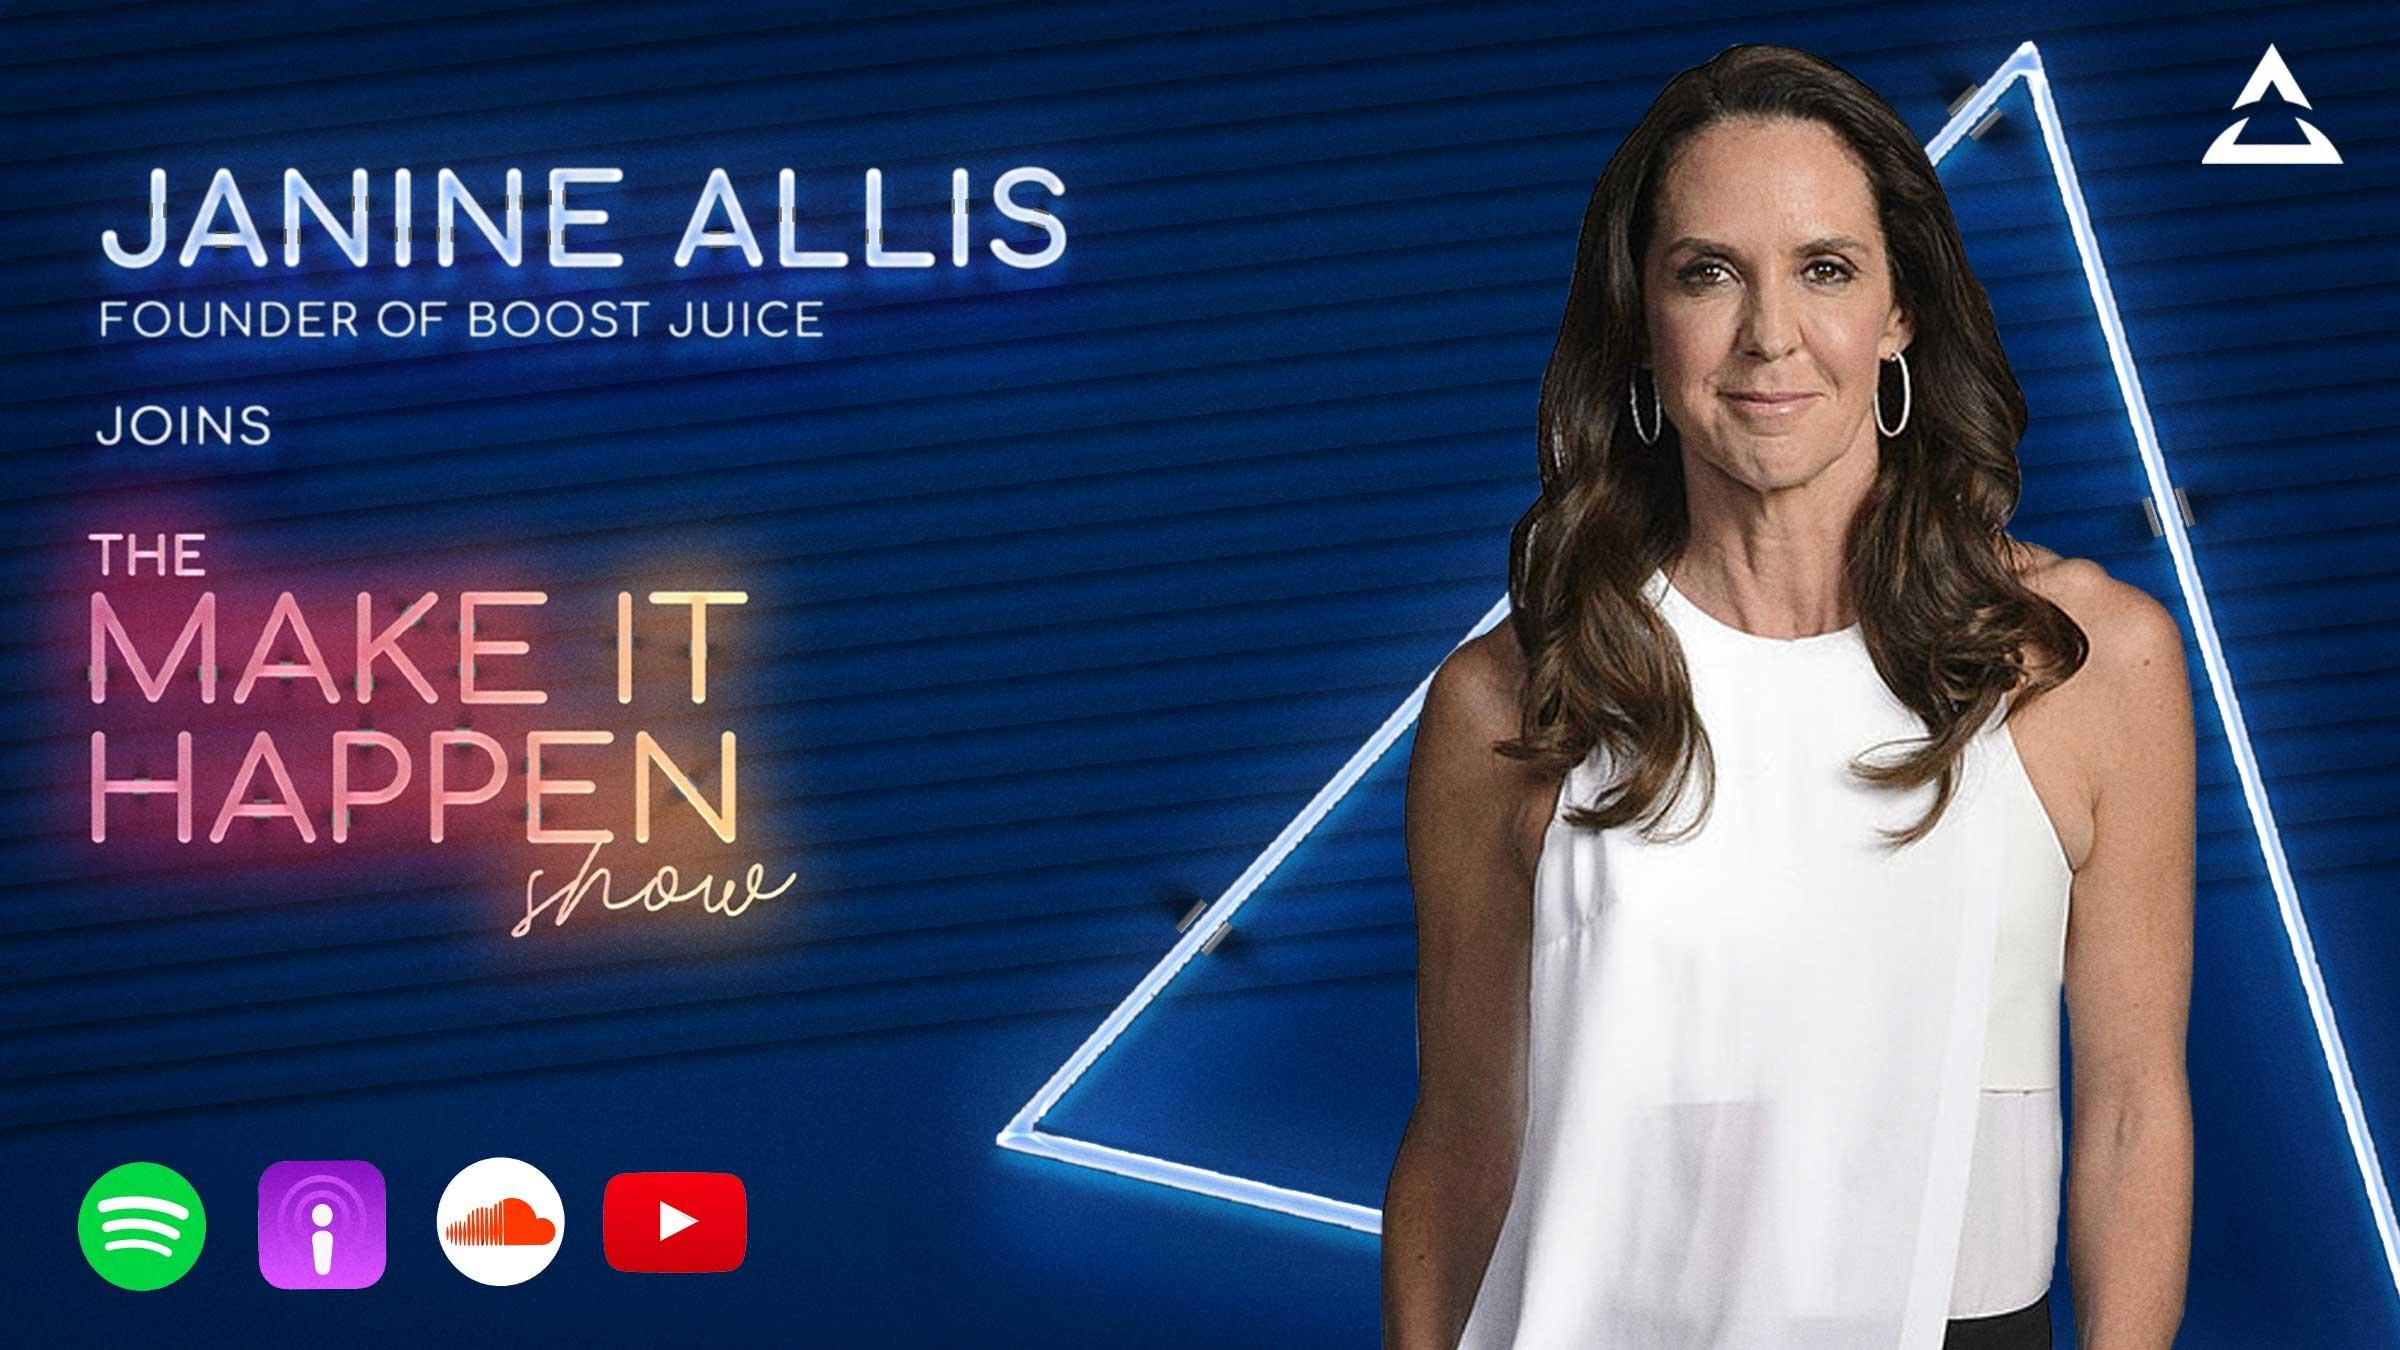 Janine Allis promo image